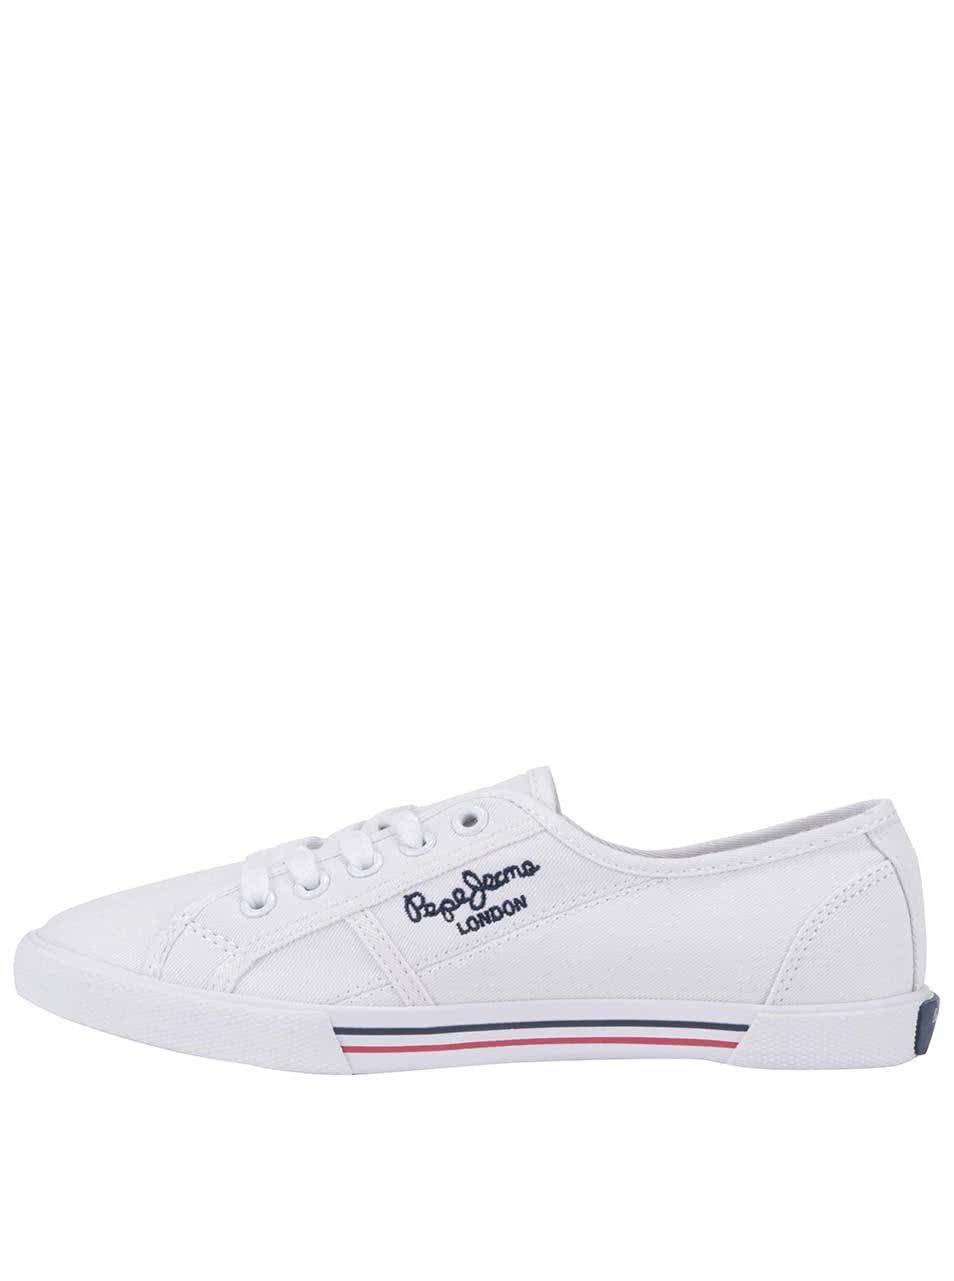 Biele dámske tenisky Pepe Jeans ... 20385670664